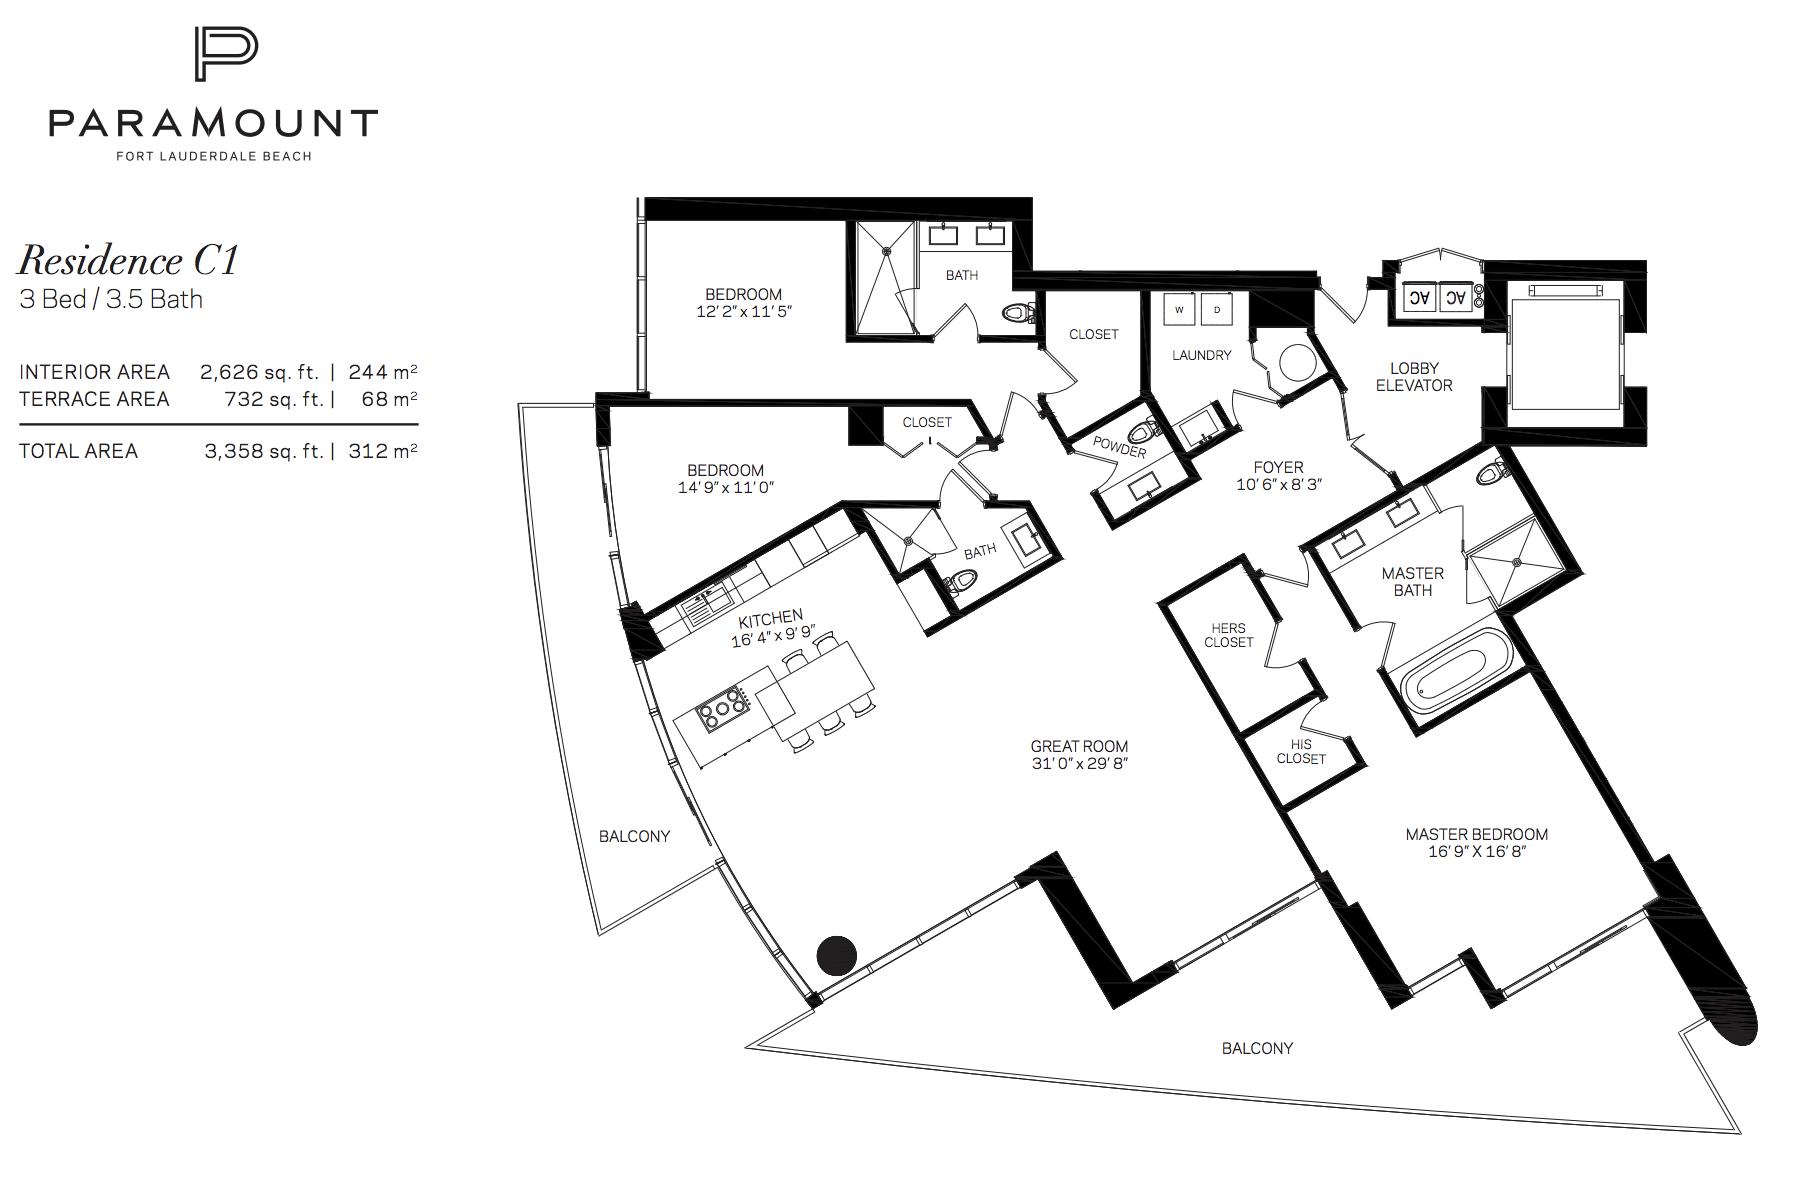 Paramount Residences Fort lauderdale Unit C1   3 Beds - 3.5 Baths